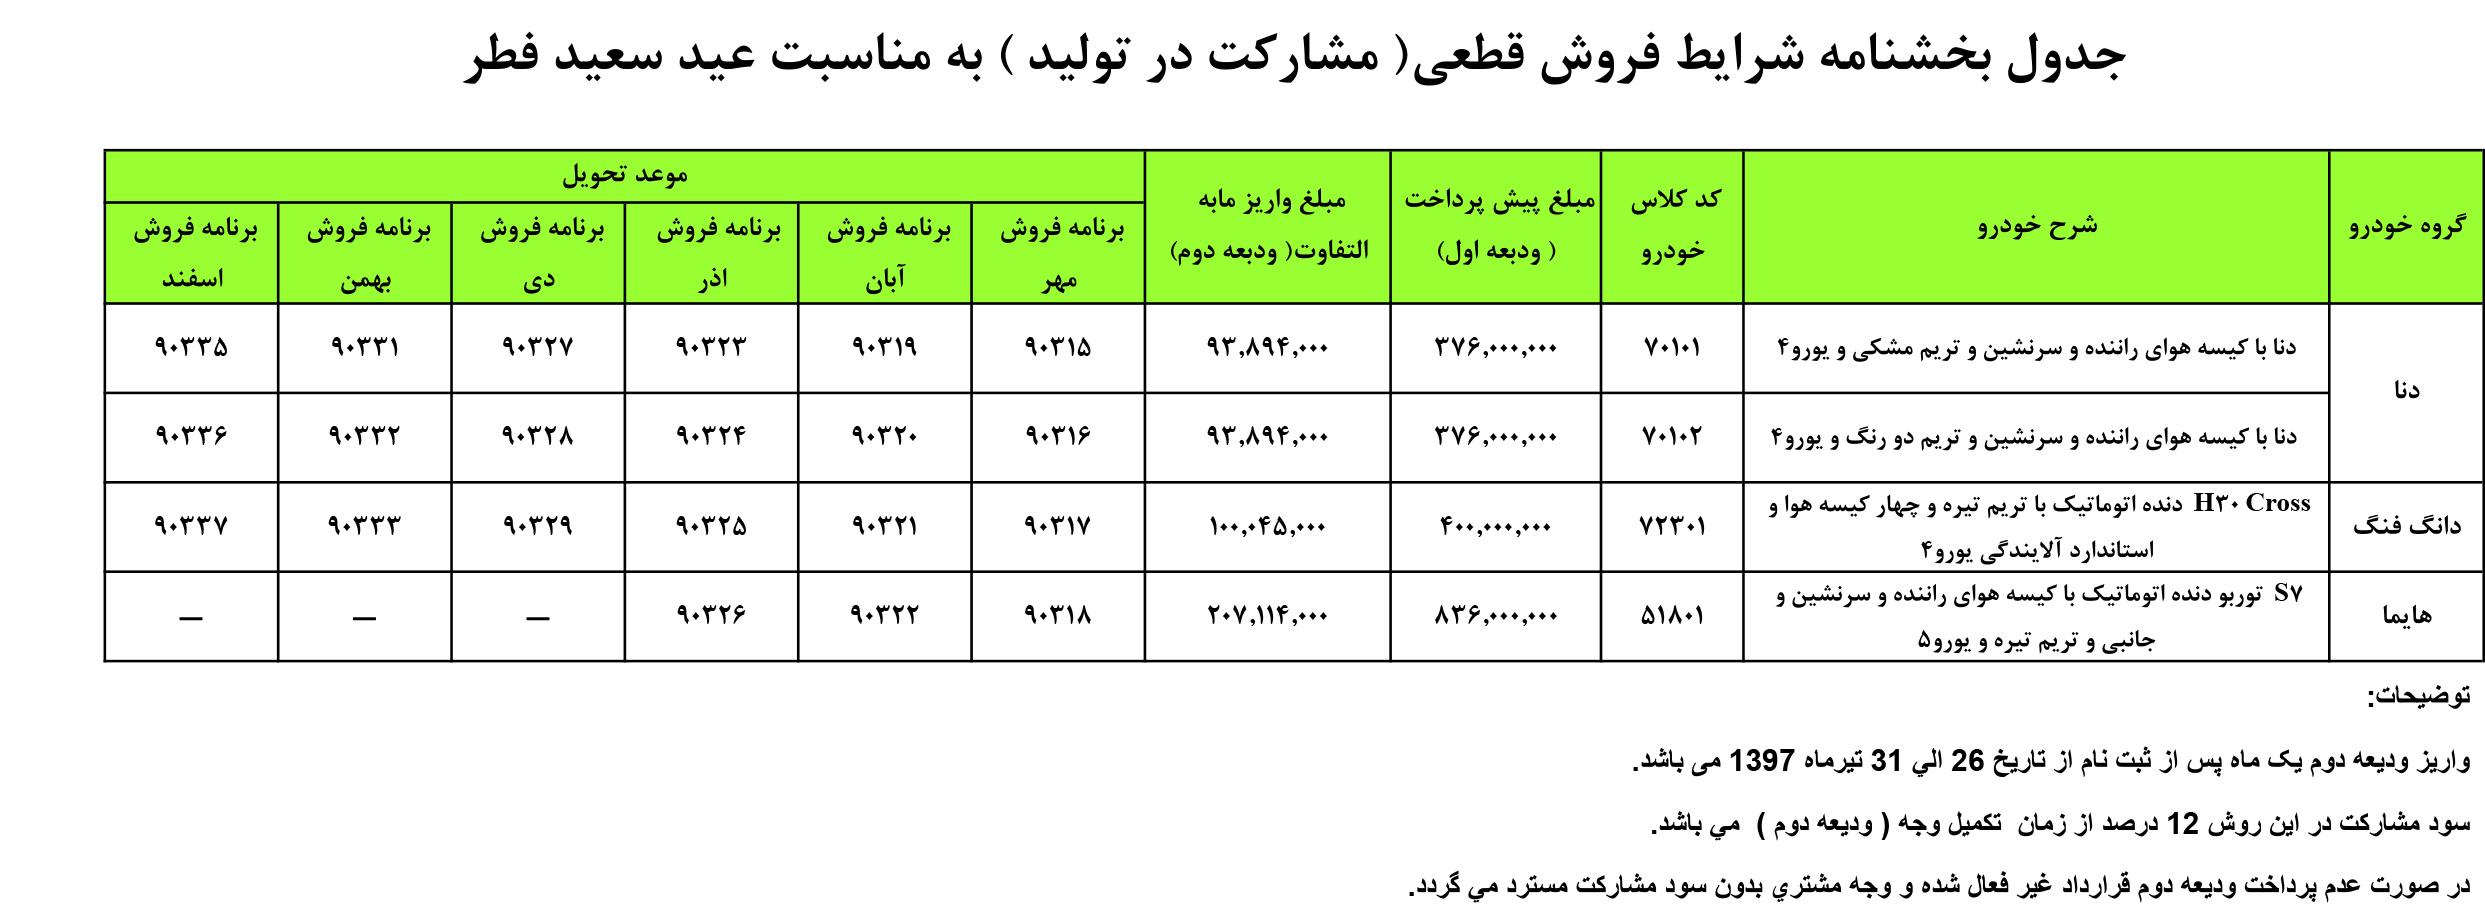 شرایط فروش با قیمت قطعی محصولات ایران خودرو به مناسبت عید فطر 97